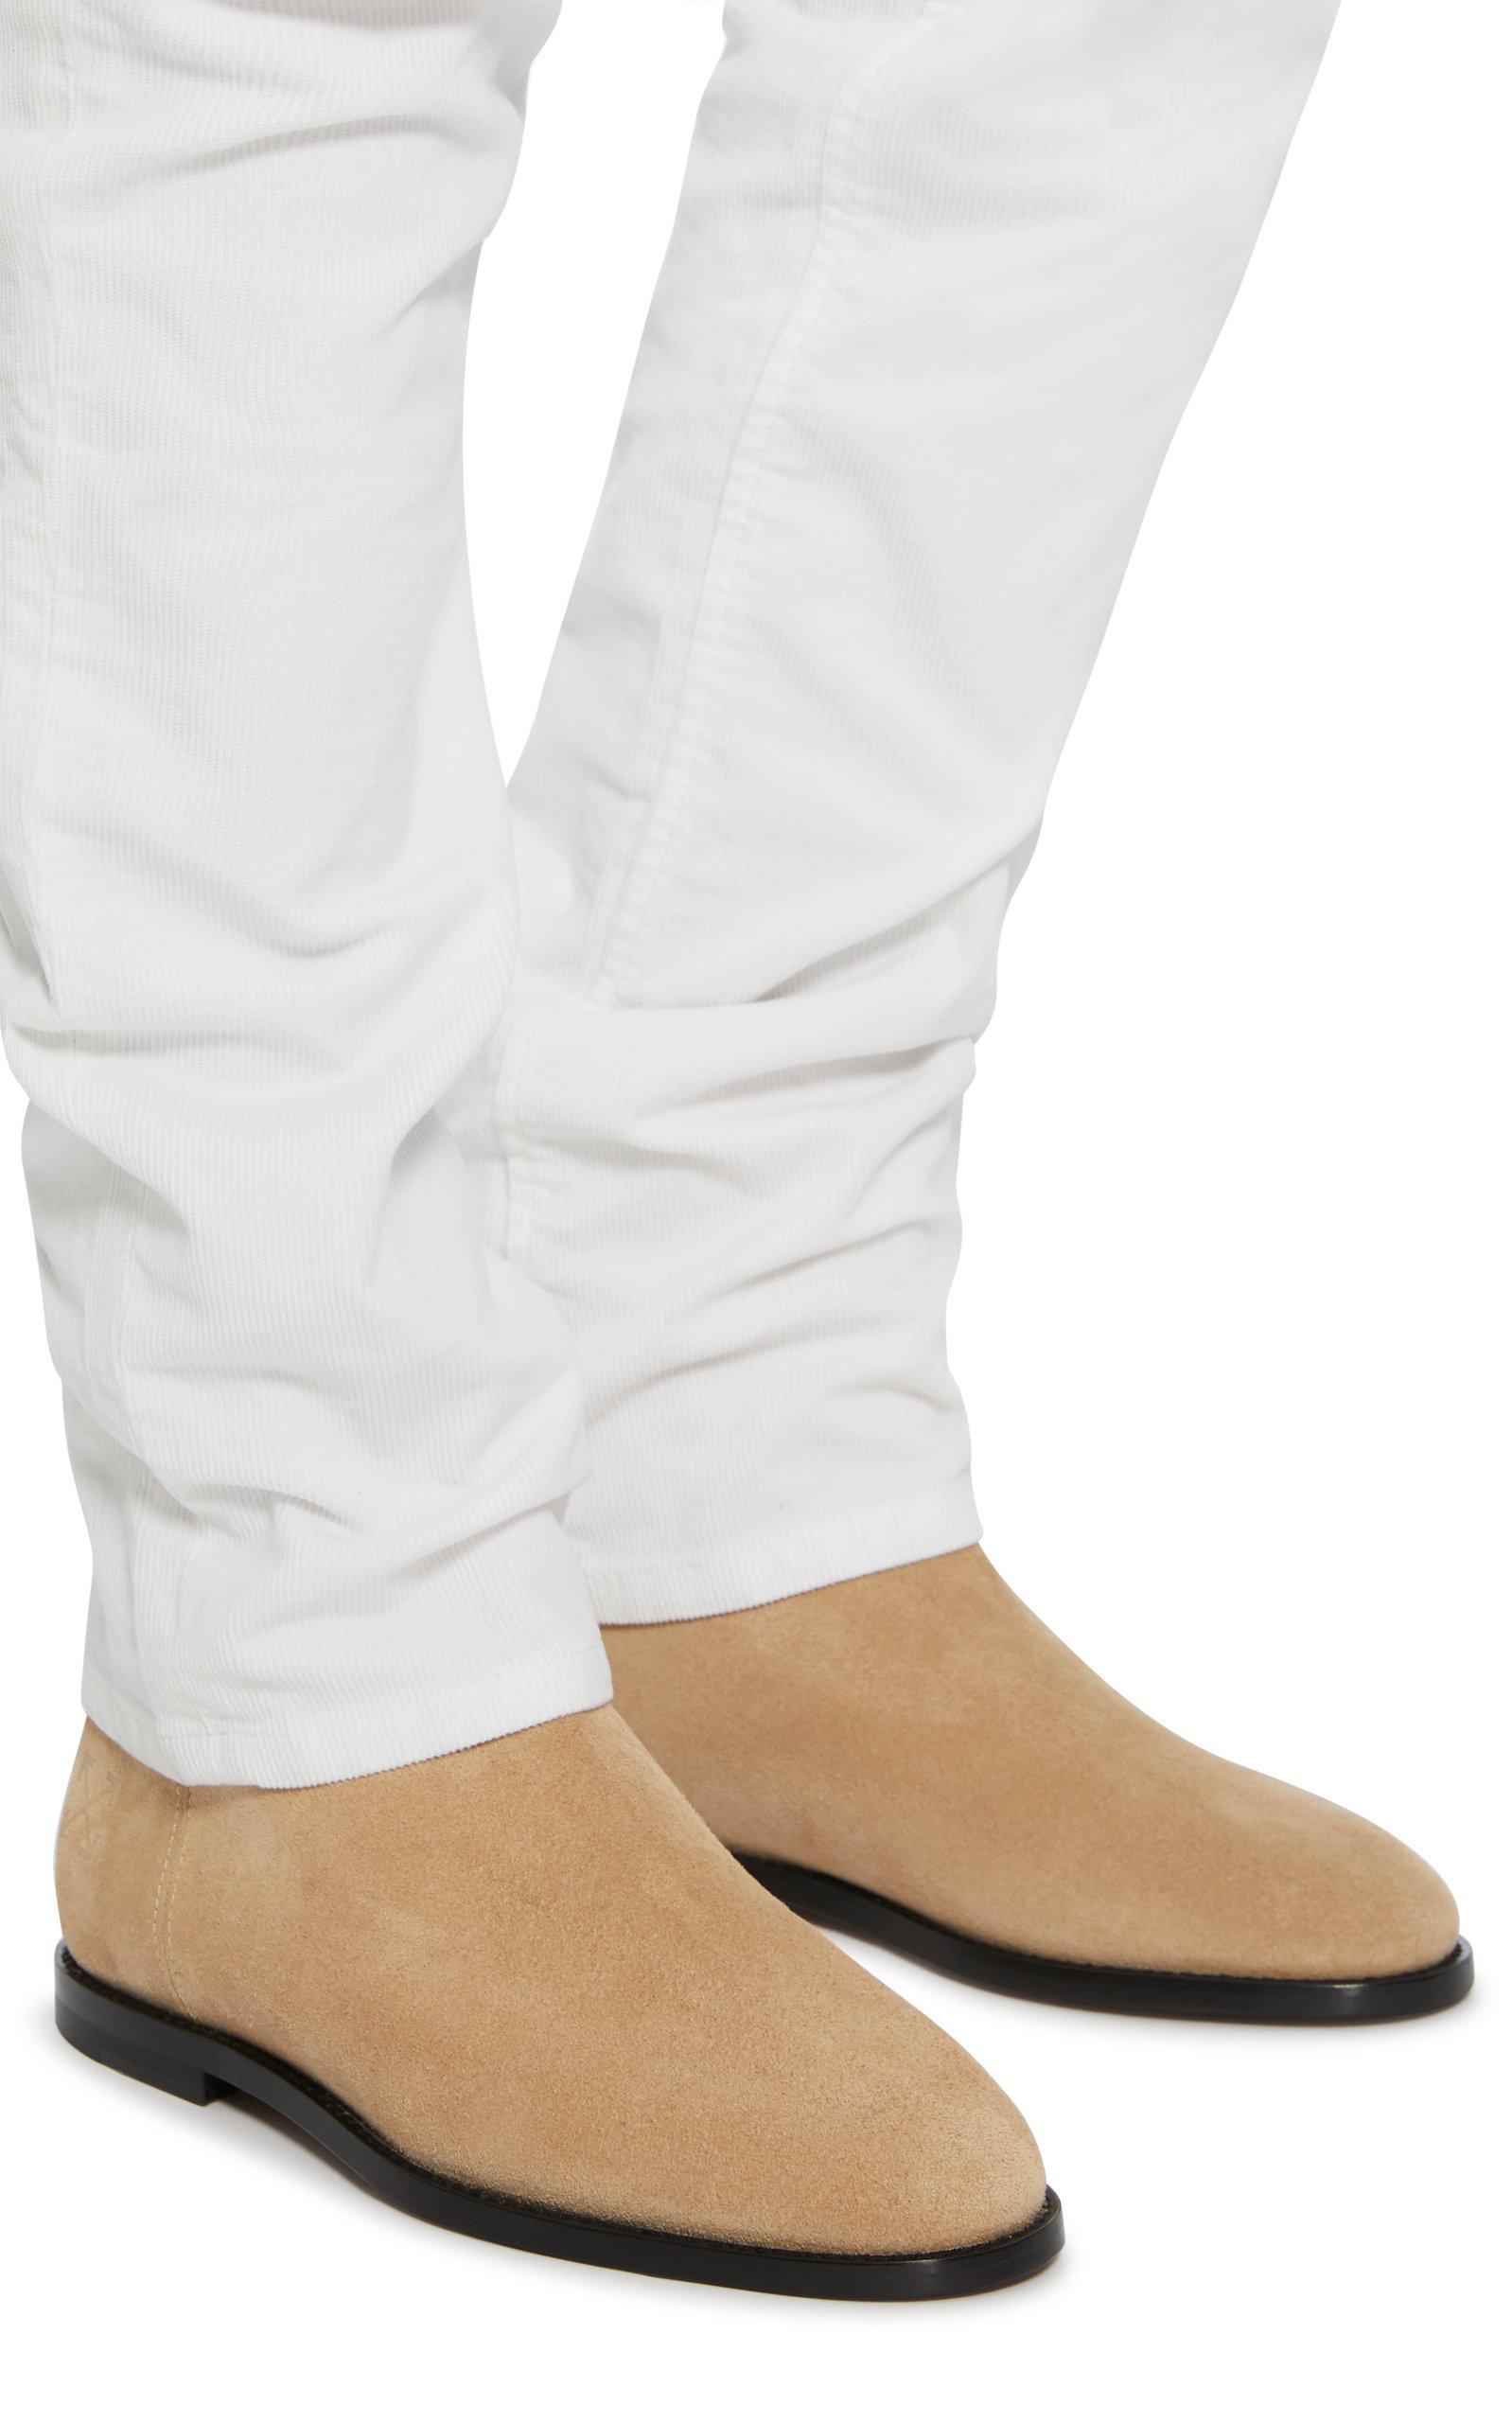 b8810de5b9f Off-White c/o Virgil Abloh Multicolor Suede Chelsea Boots for men